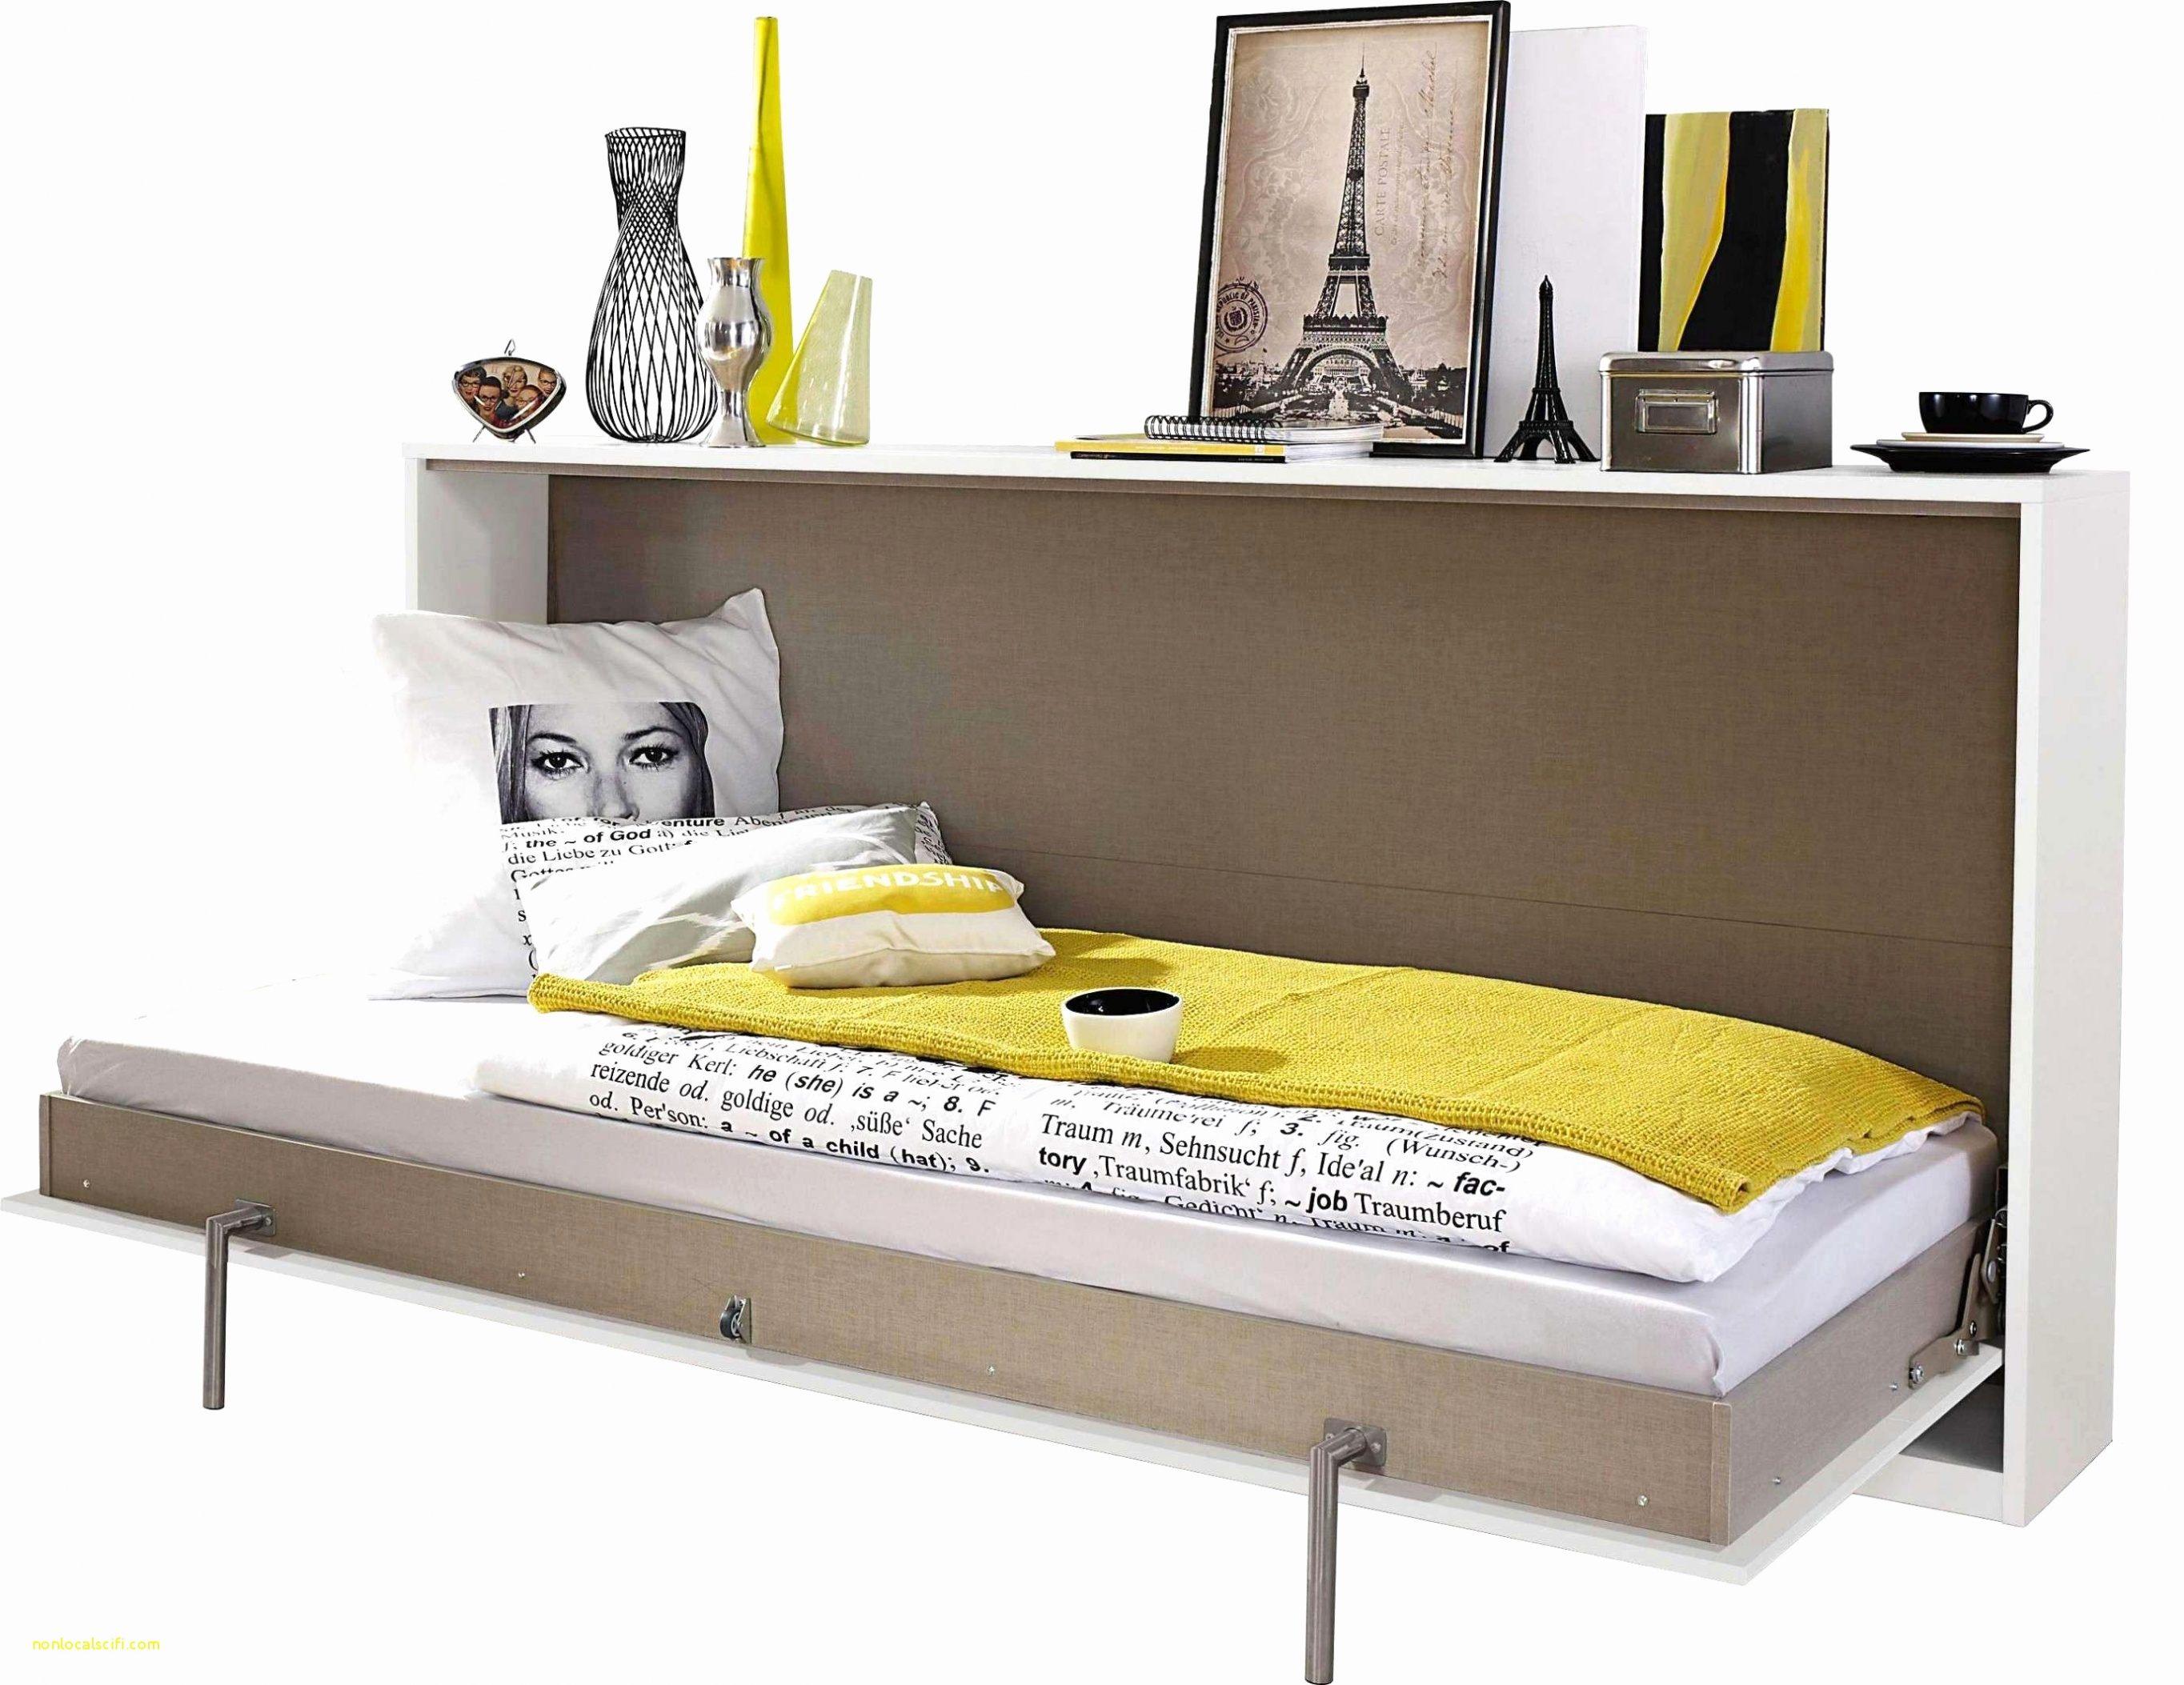 Lit Superposé Enfant Inspirant Inspiré Lit Mezzanine Design Lit Mezzanine Design Unique Wilde Lit